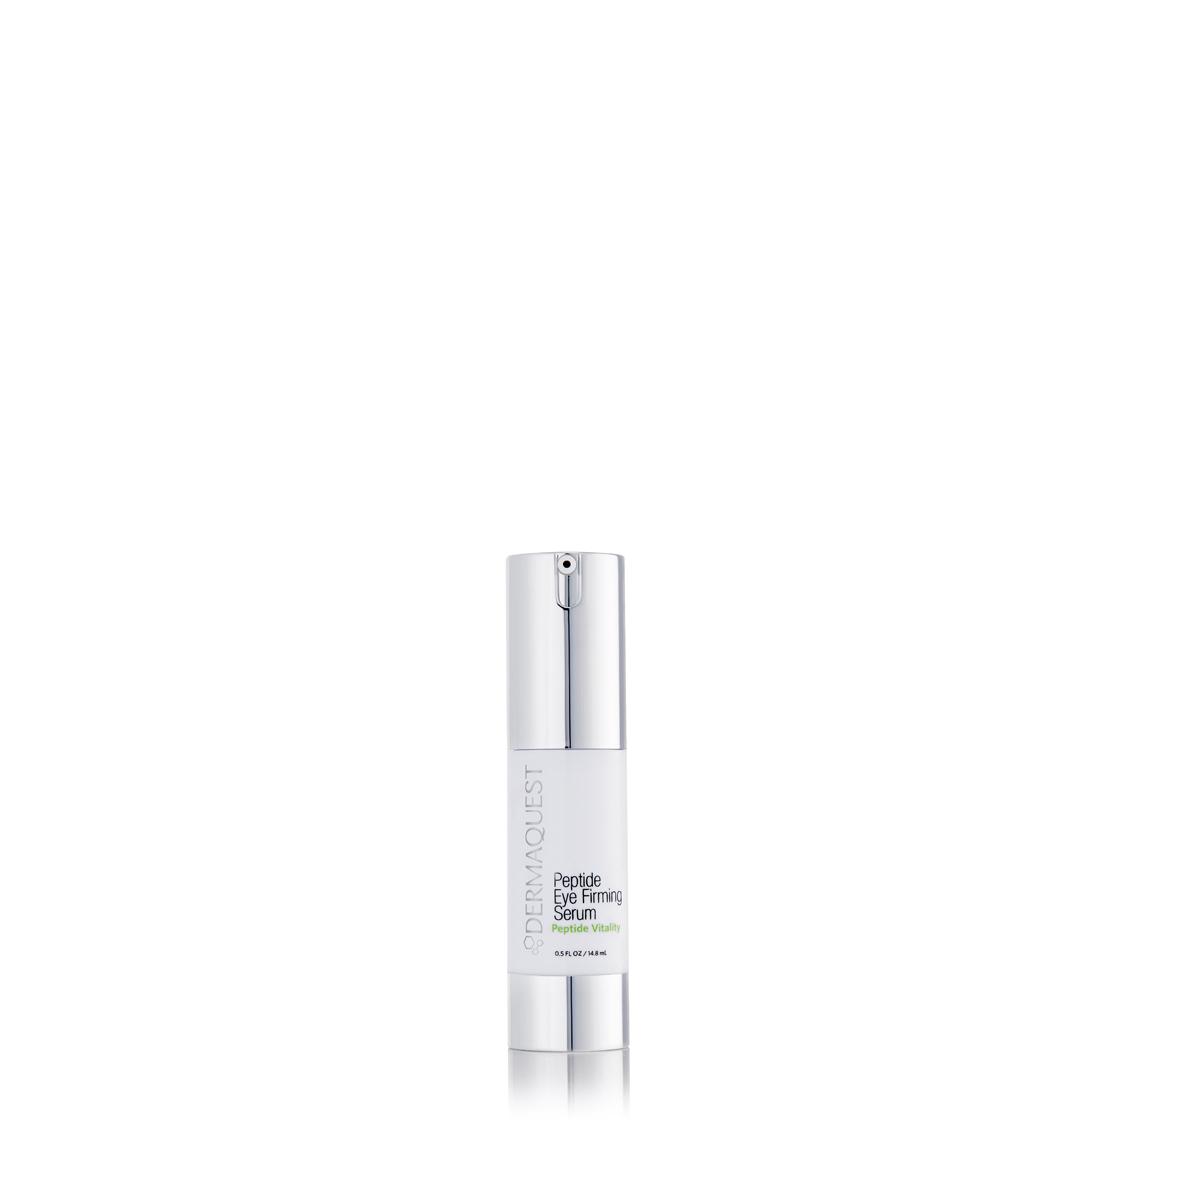 Peptide Eye Firming Serum- Peptide Vitality